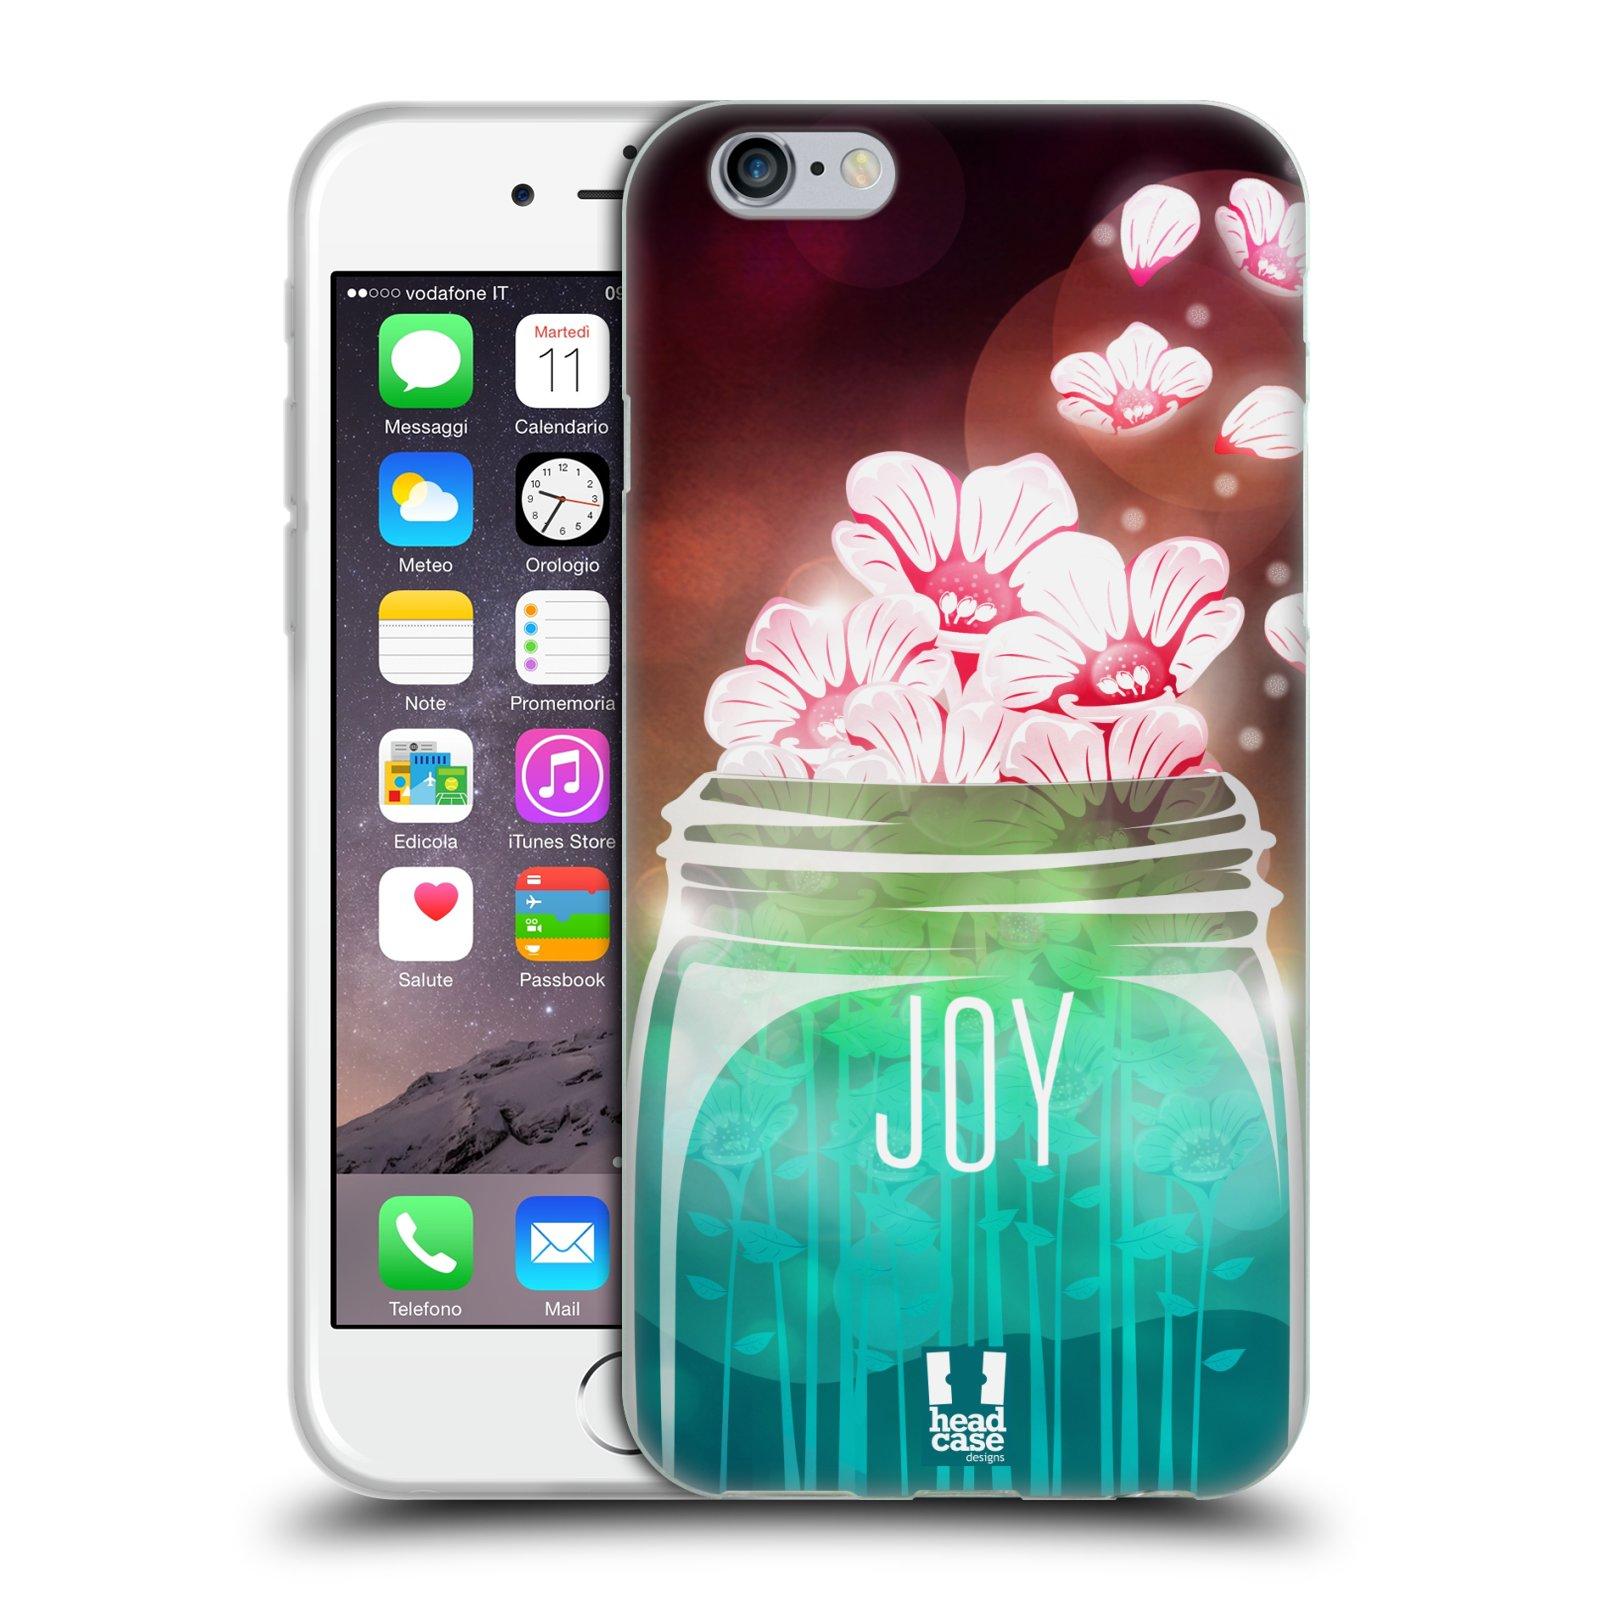 Silikonové pouzdro na mobil Apple iPhone 6 a 6S HEAD CASE SKLENICE JOY (Silikonový kryt či obal na mobilní telefon Apple iPhone 6 a 6S)